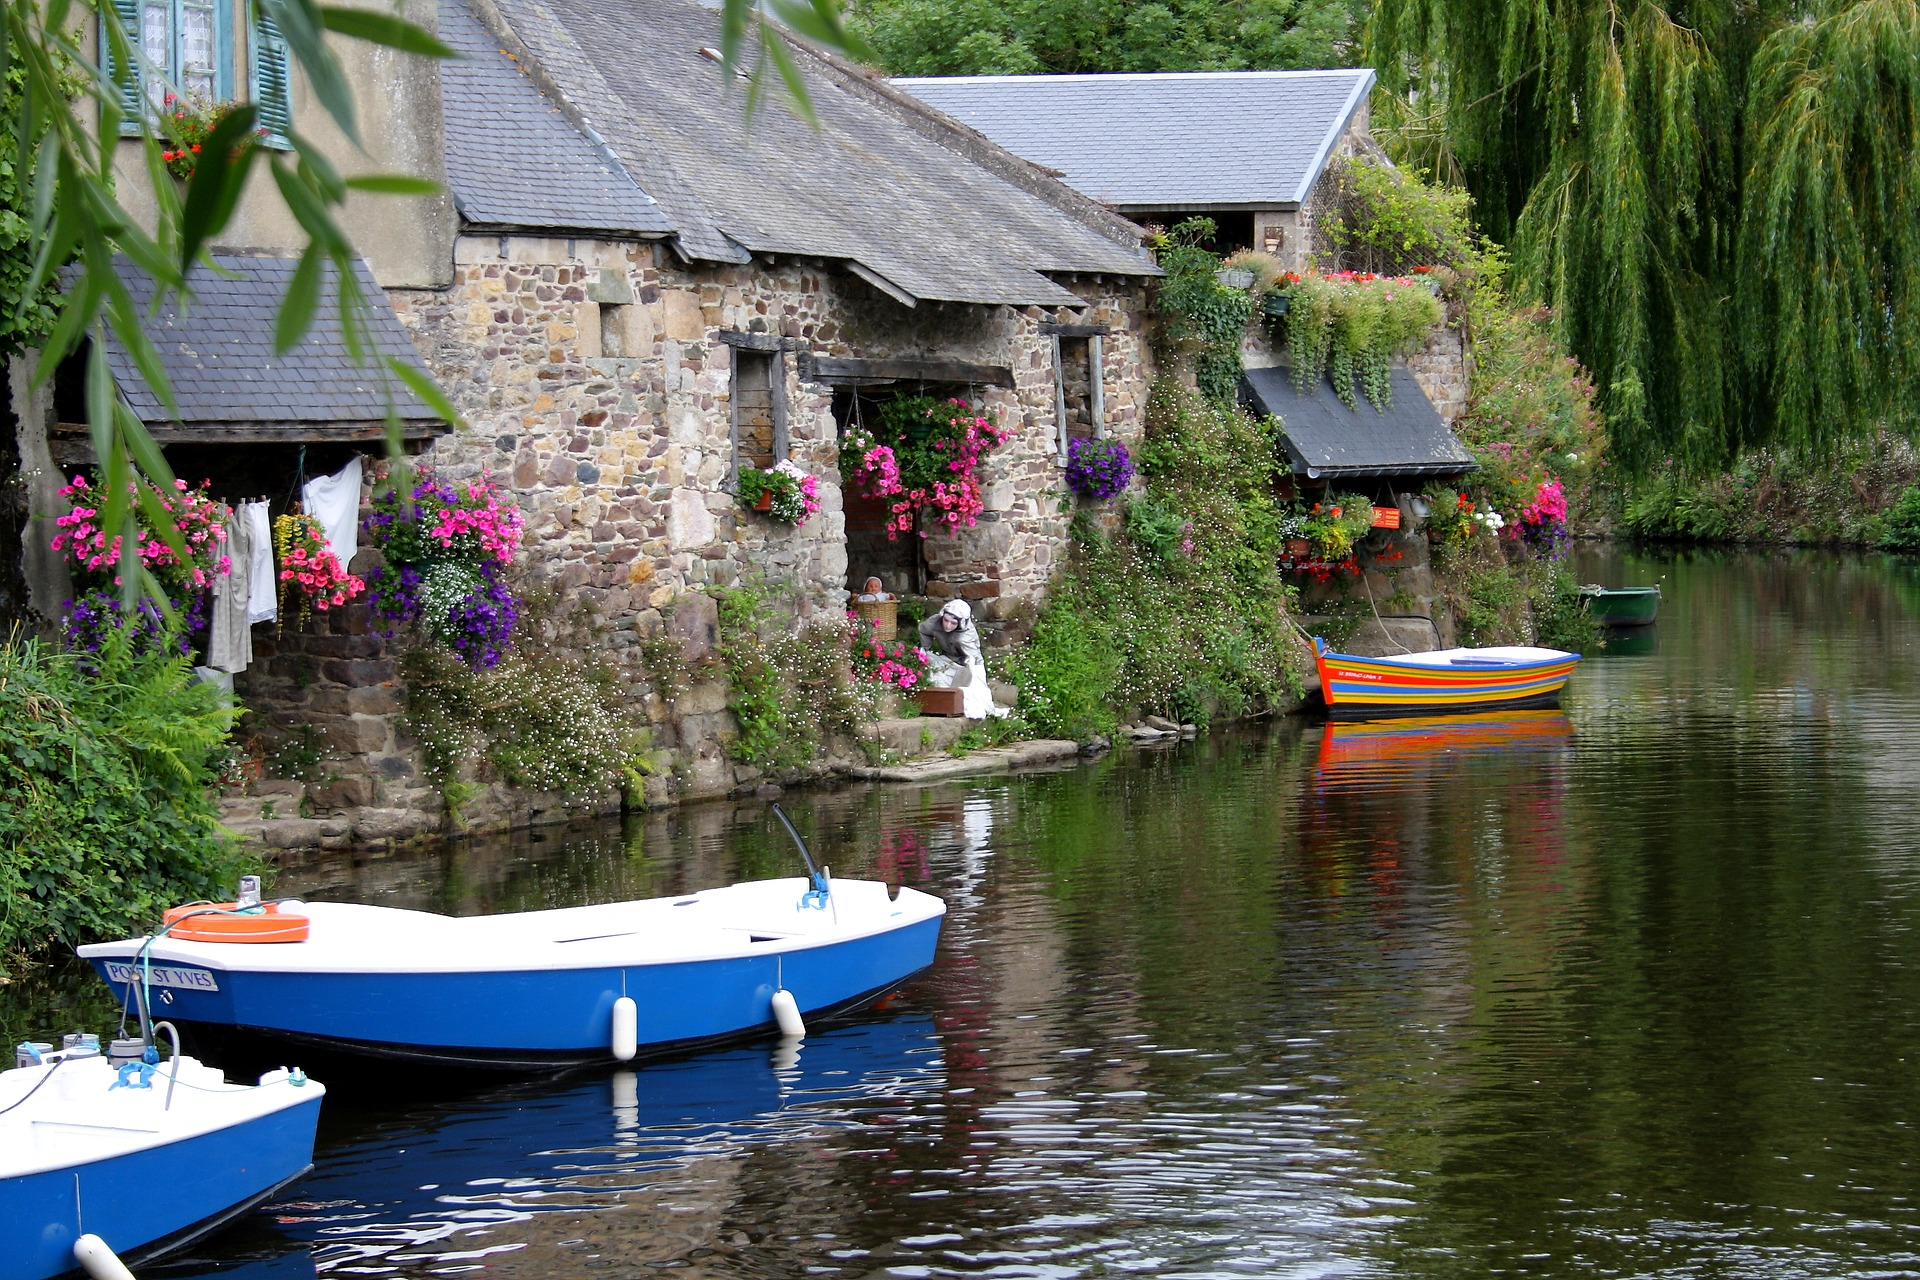 19-daagse camperreis door Bretagne